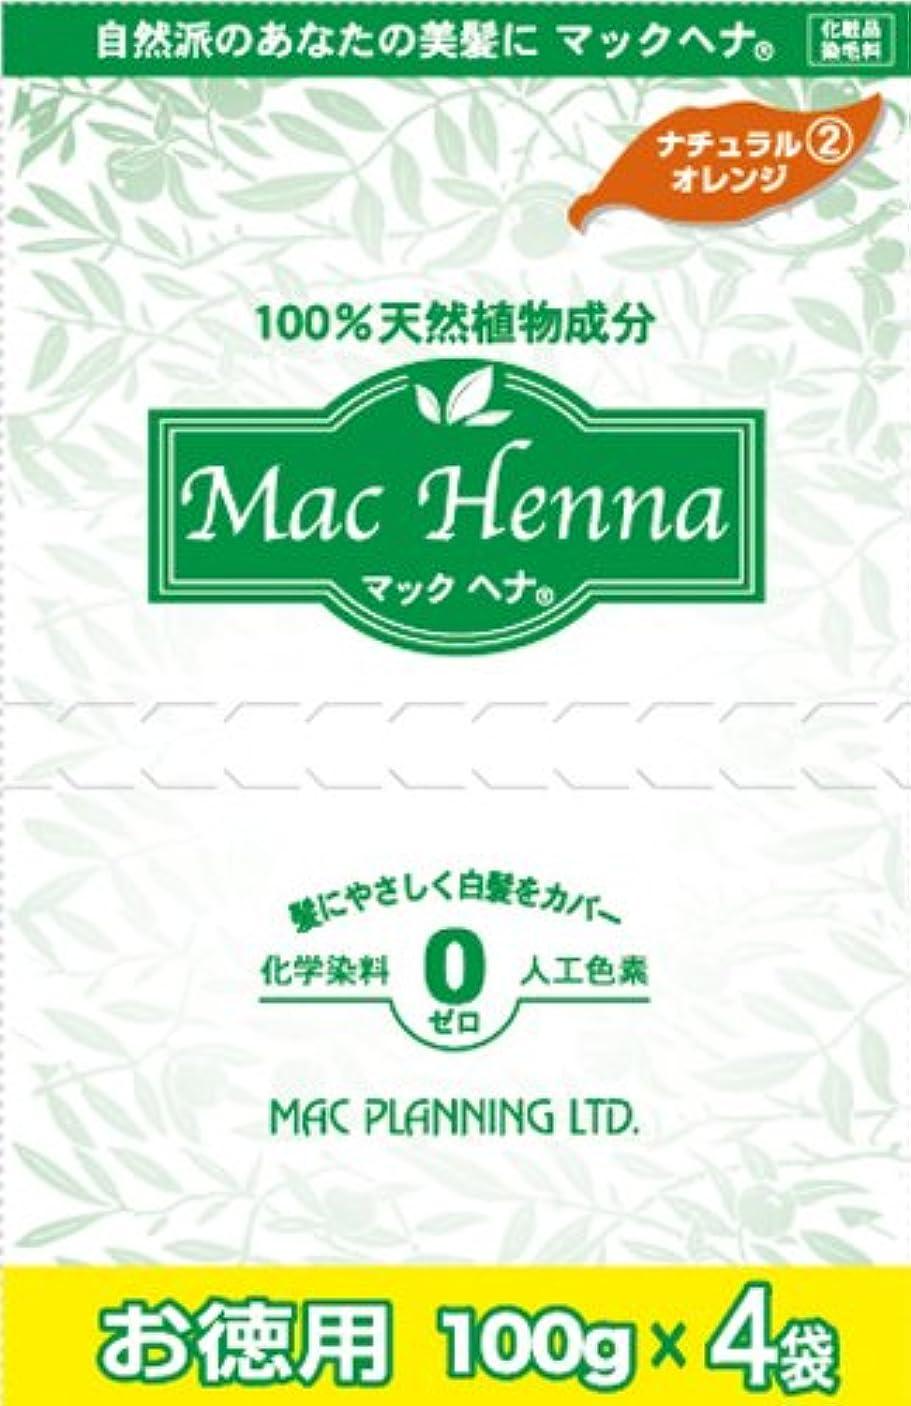 アラブショート力天然植物原料100% 無添加 マックヘナ お徳用(ナチュラルオレンジ)-2  400g(100g×4袋) 3箱セット